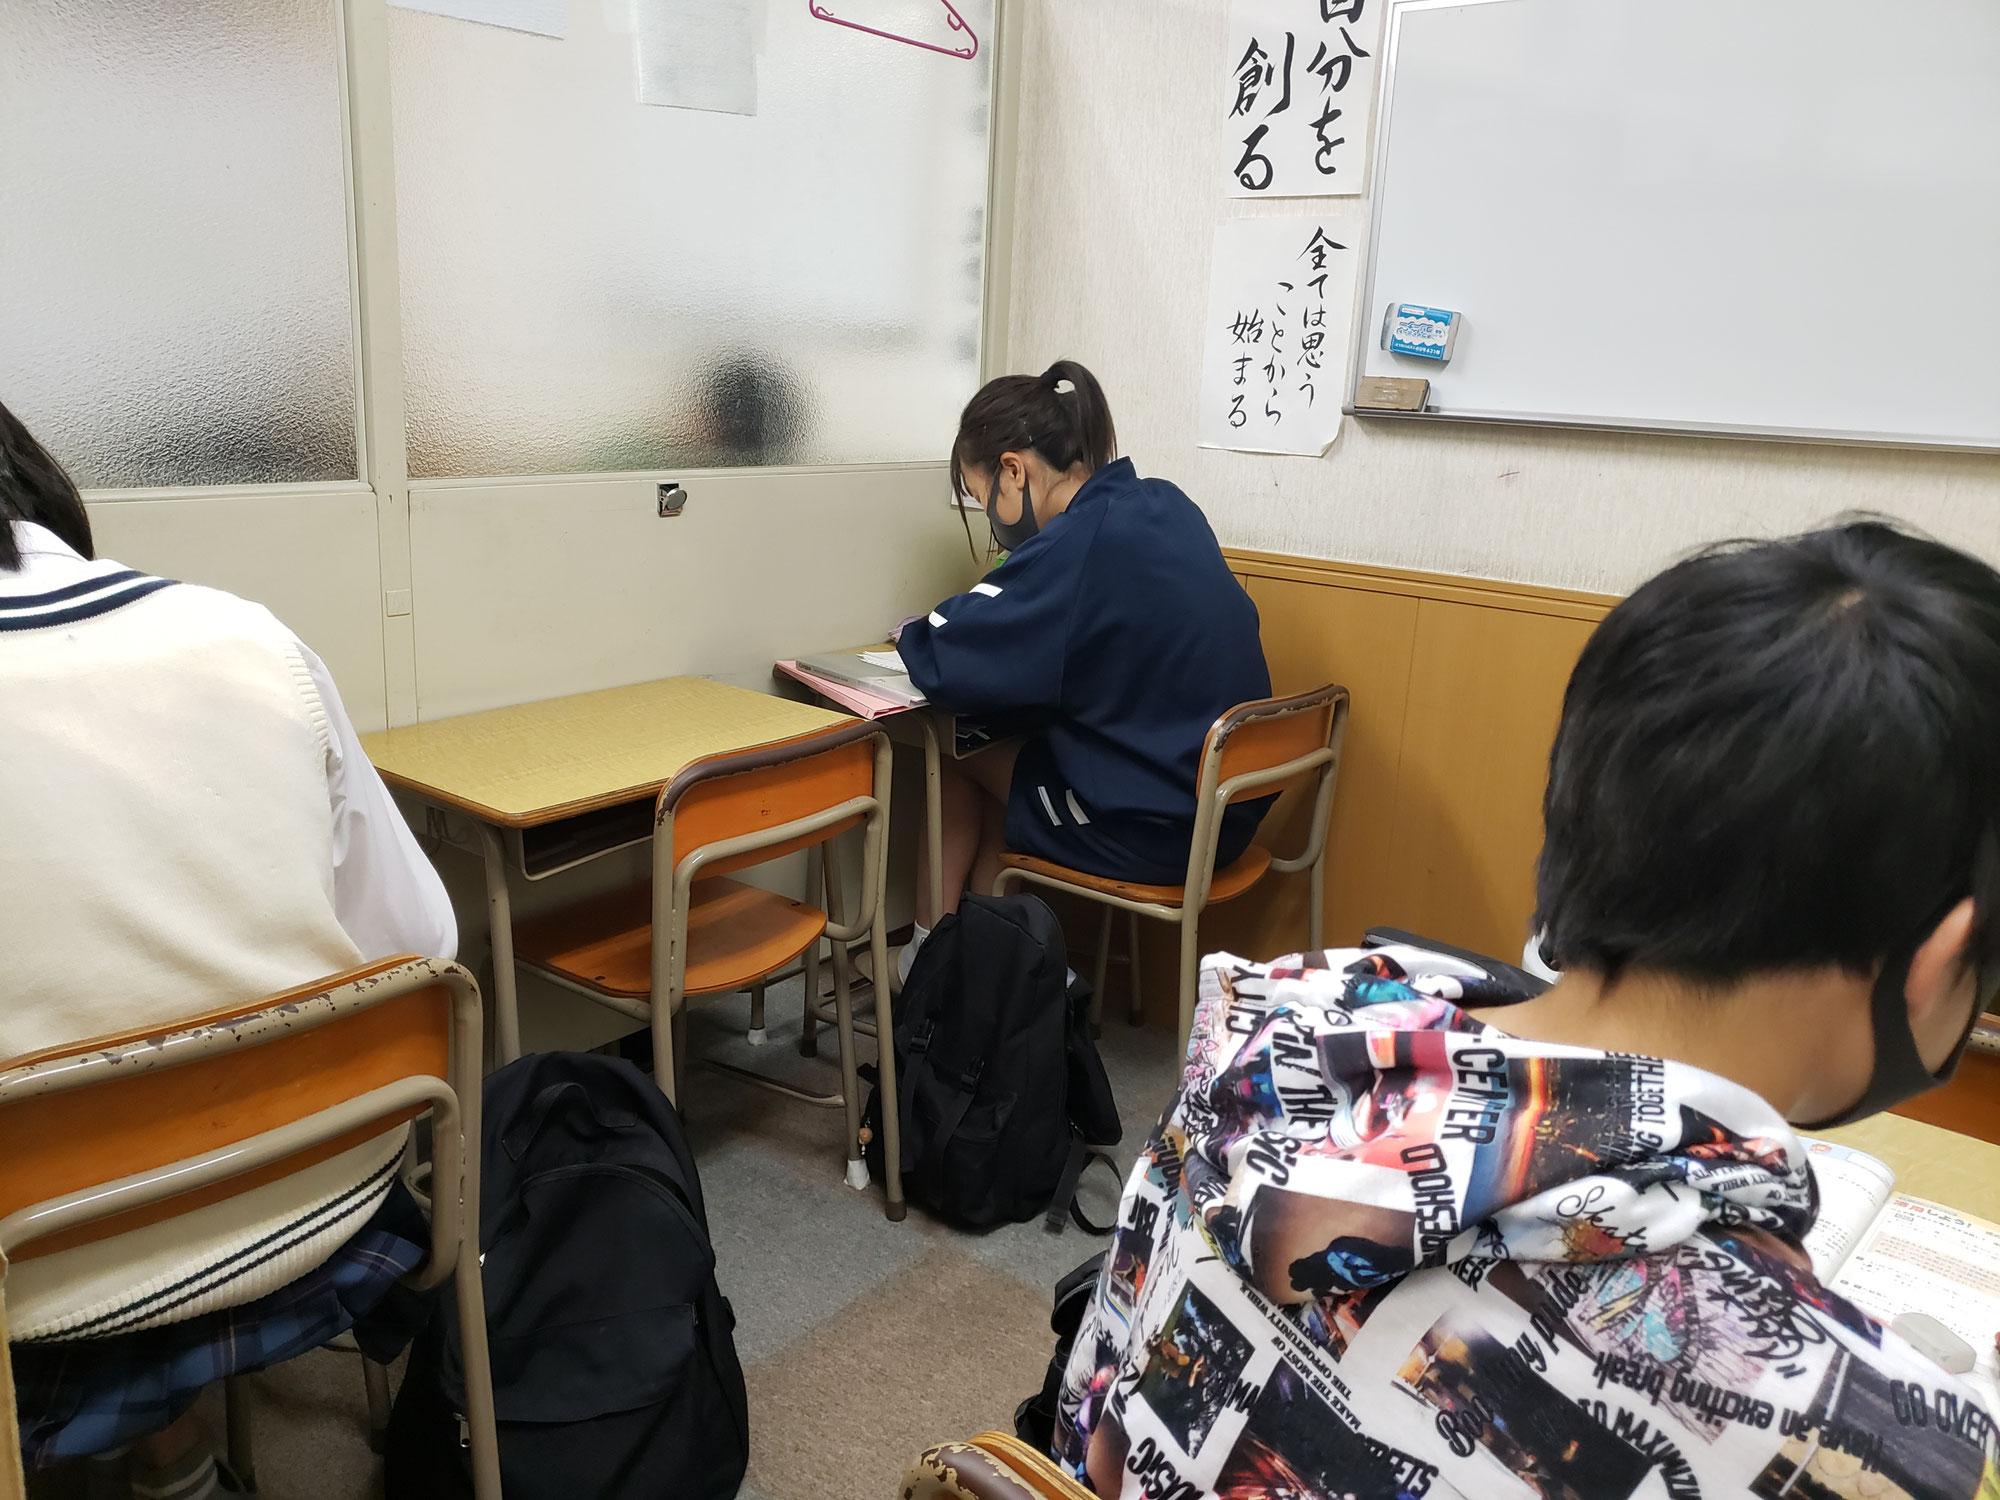 高校生の子達の定期テストが終わり、次は中学生の子達の定期テストです。みんな頑張ってね(ノ^^)ノ